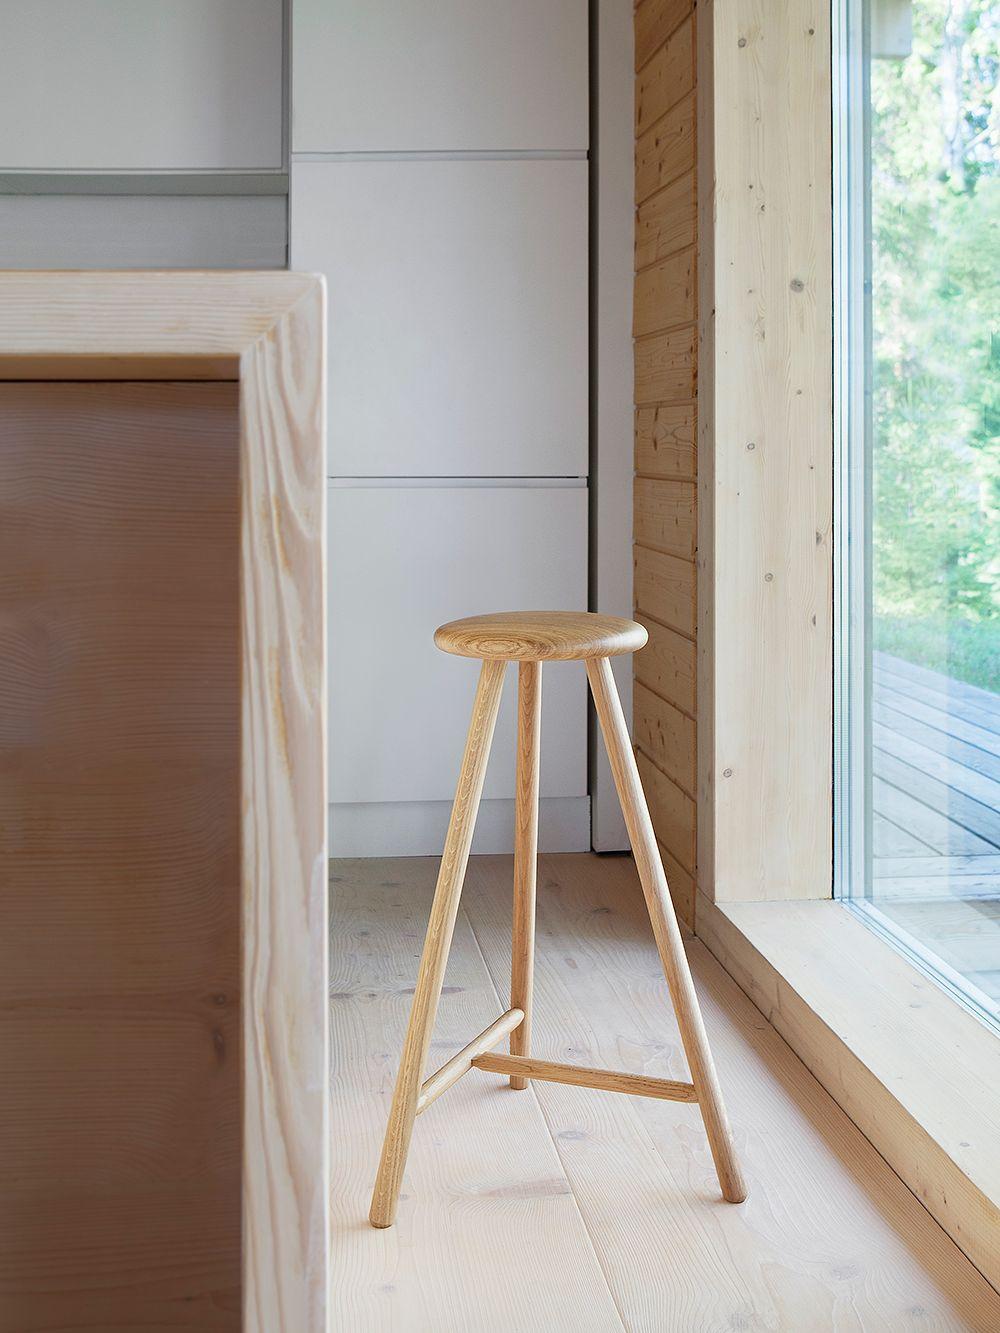 Nikari's Perch stool in oak